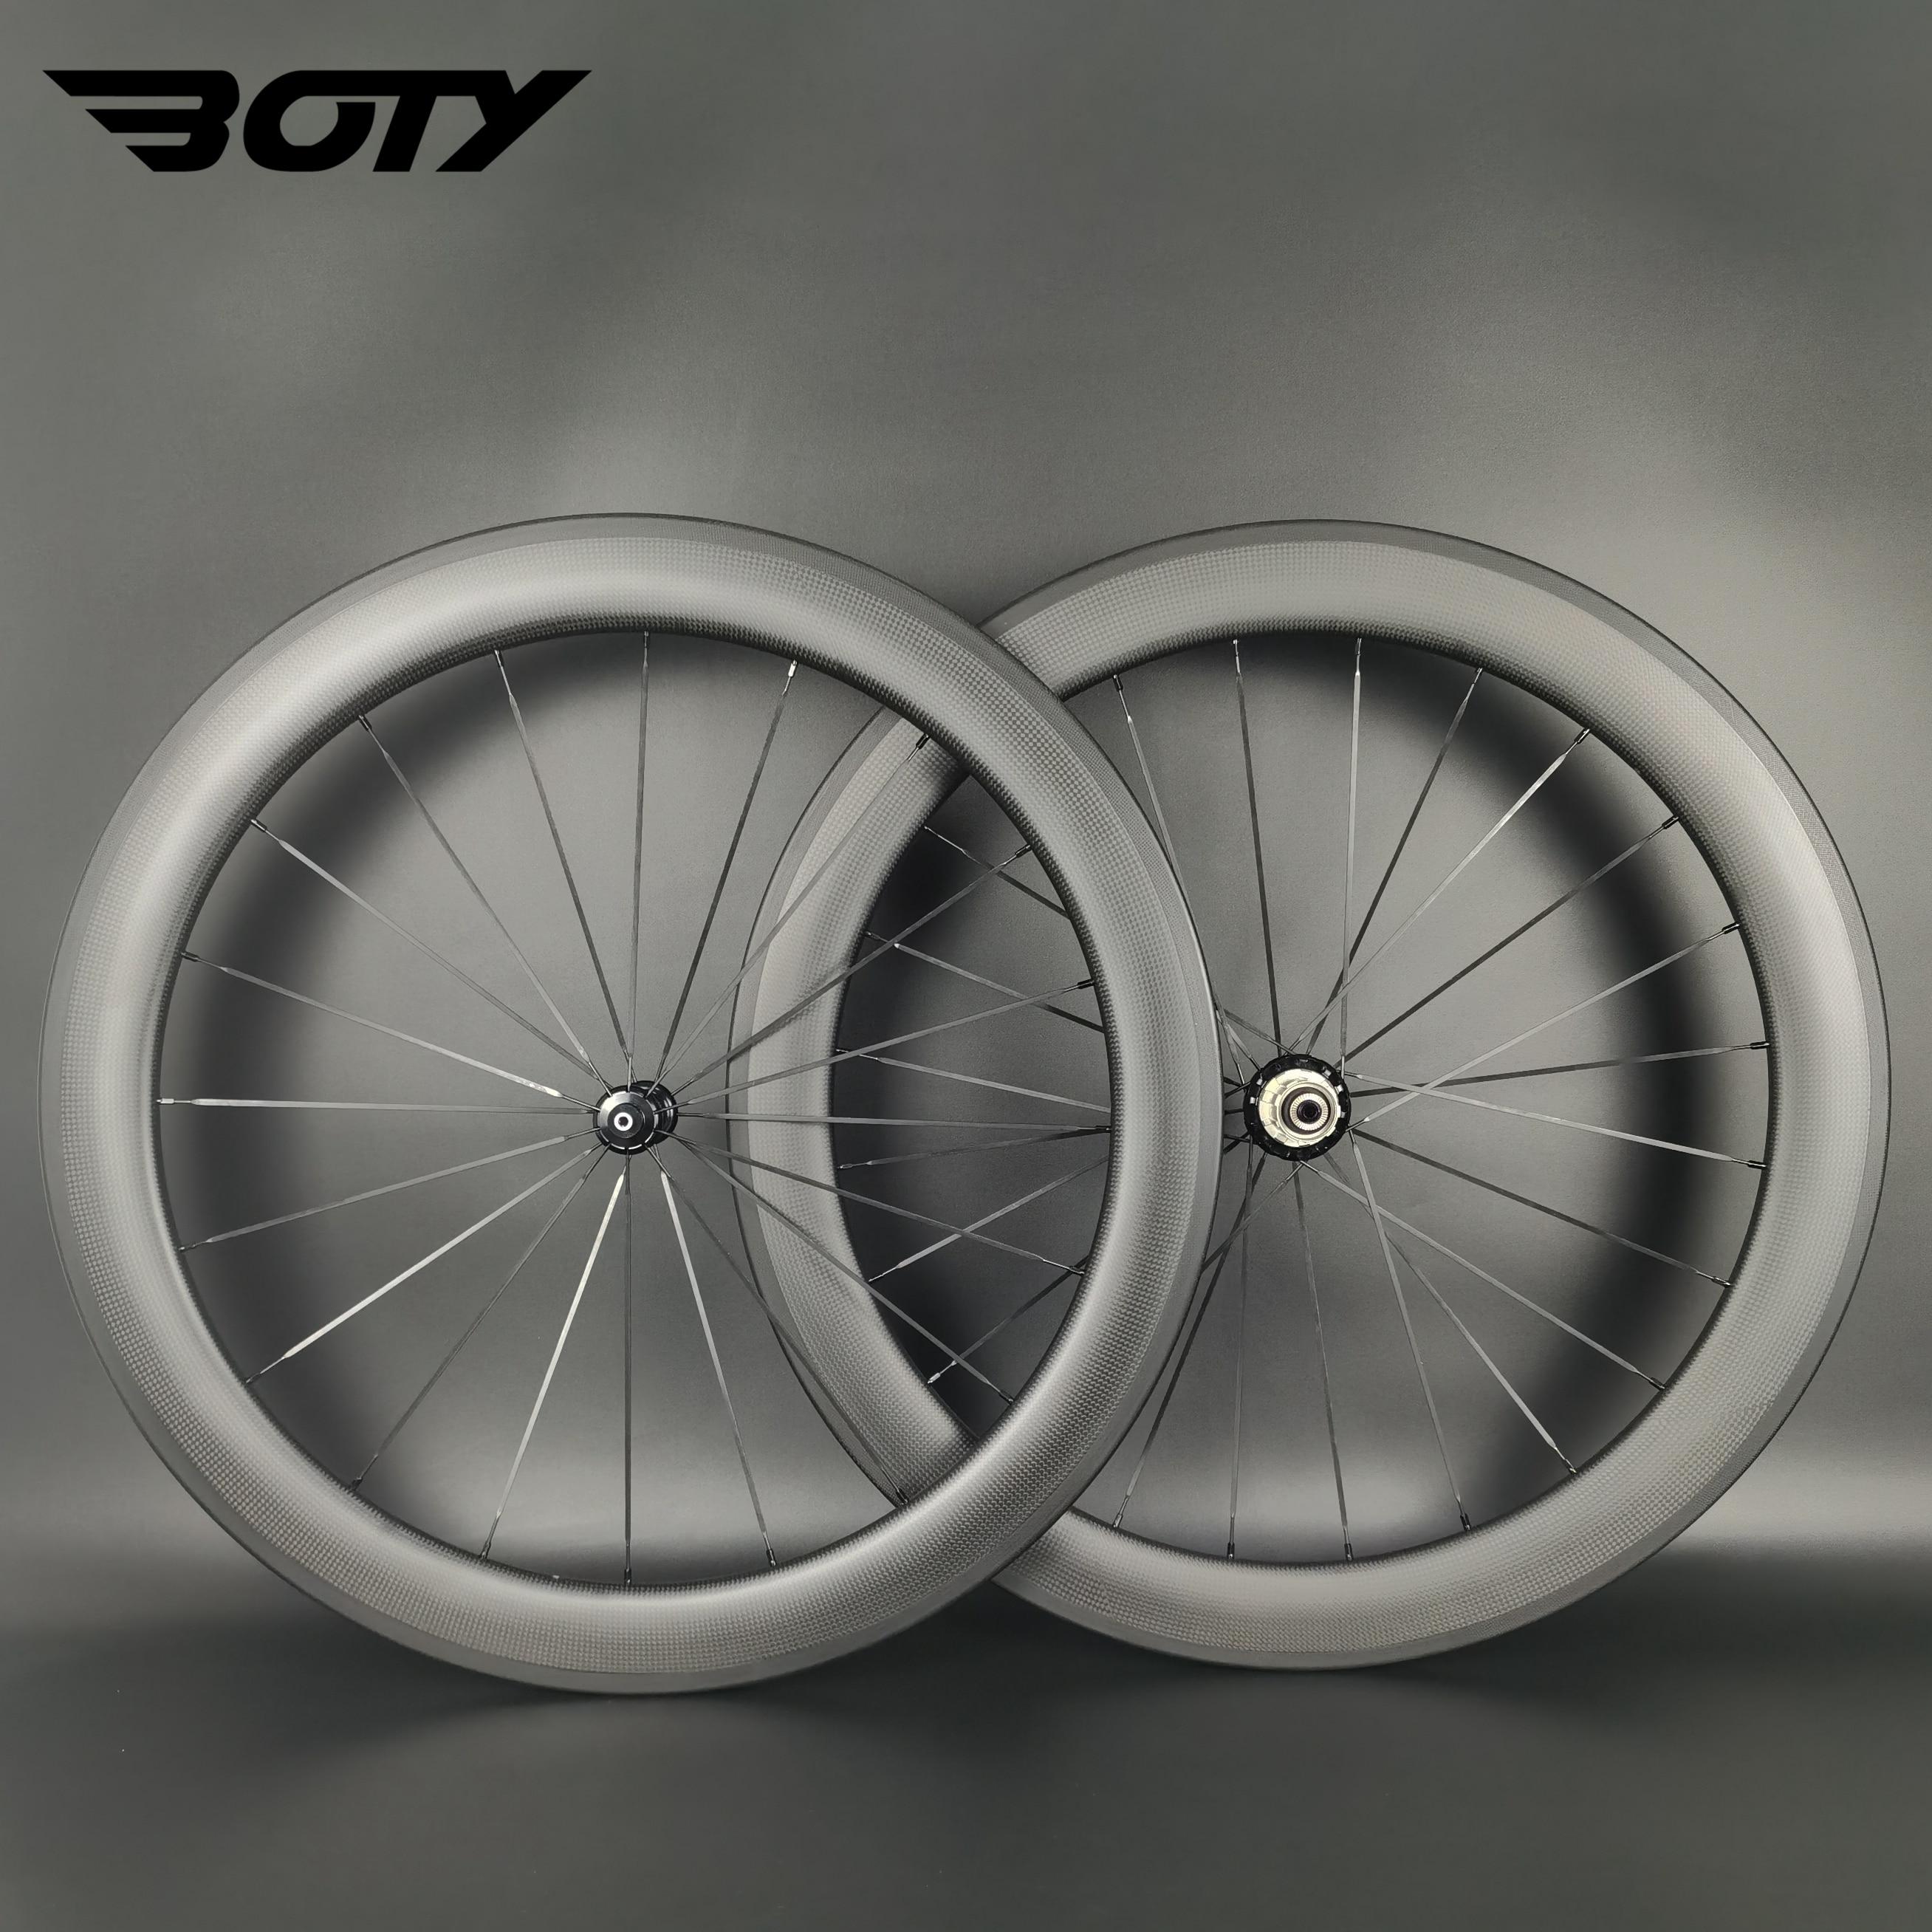 كامل الكربون 700C الطريق الدراجة عجلات 60 مللي متر عمق 23/25 مللي متر عرض الفاصلة/أنبوبي/لايحتاج الطريق دراجة عجلات مع 3k ماتي إنهاء